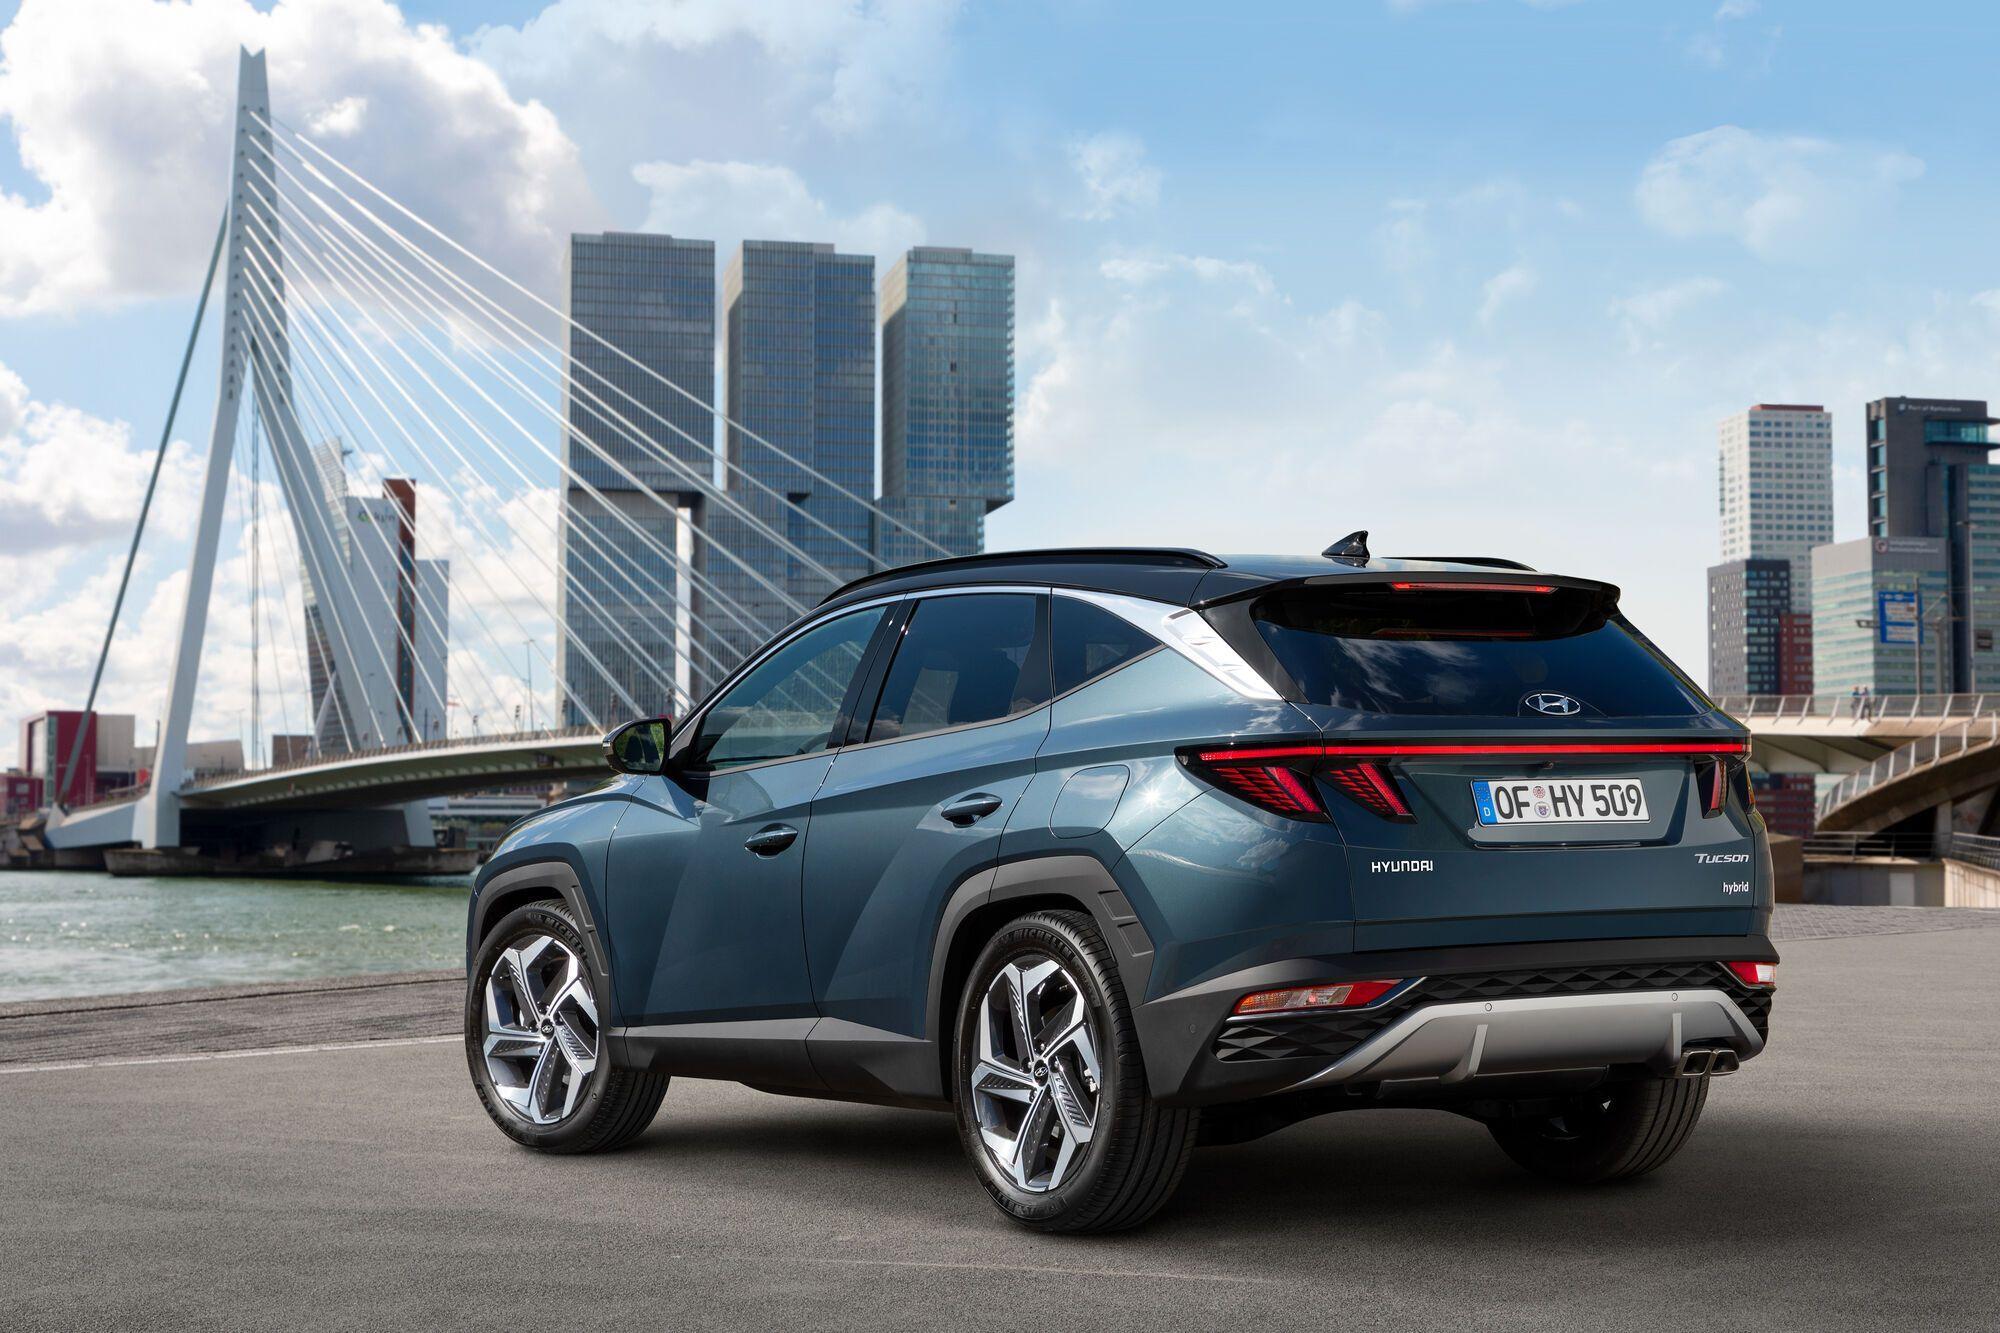 Новый Hyundai Tucson имеет в своем арсенале разнообразные электронные помощники водителя, которые позволят сделать поездку комфортной и безопасной